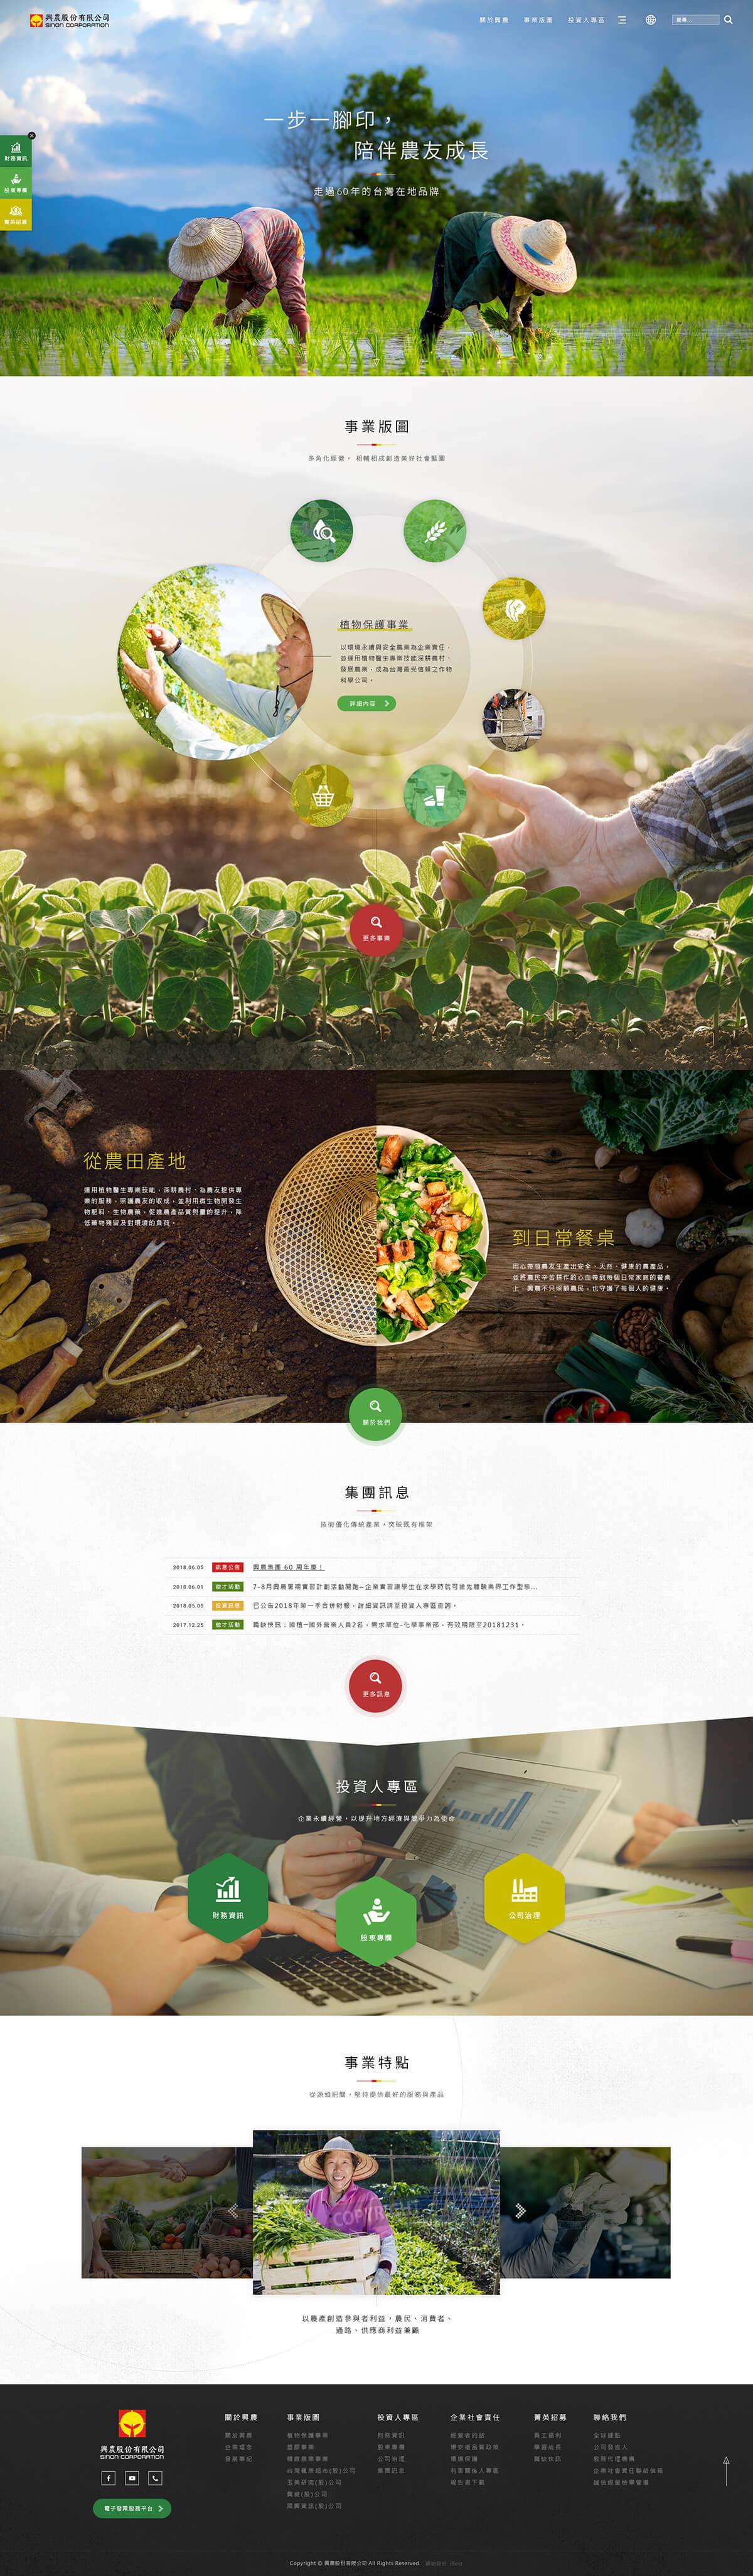 興農集團-網頁設計